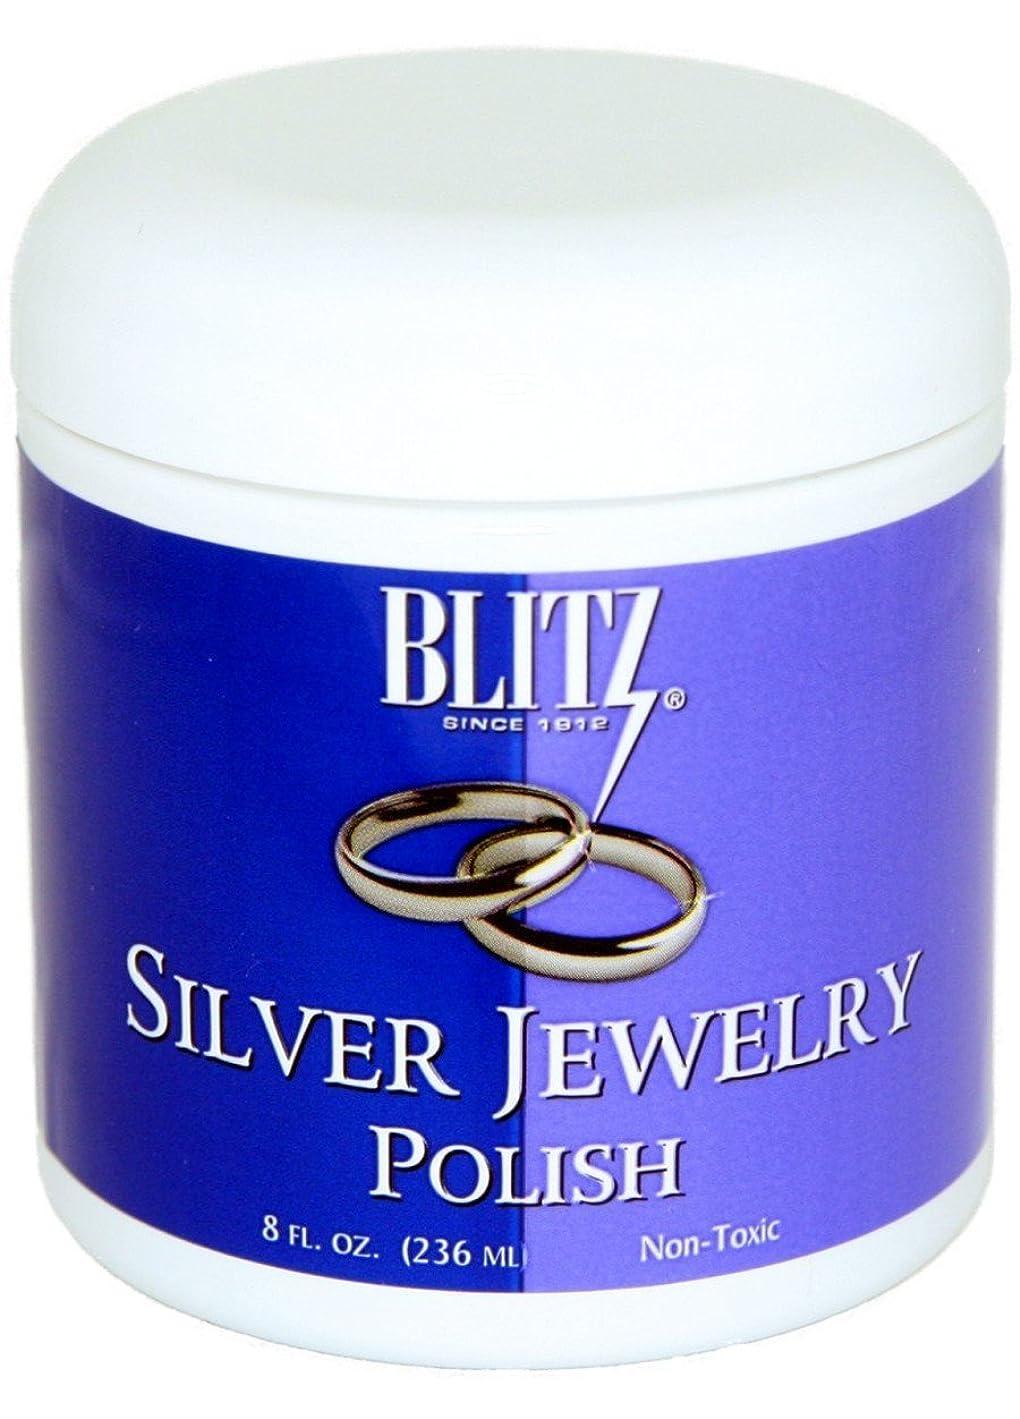 Blitz Silver Jewelry Polish, 8 Fluid Ounce r41070873499633